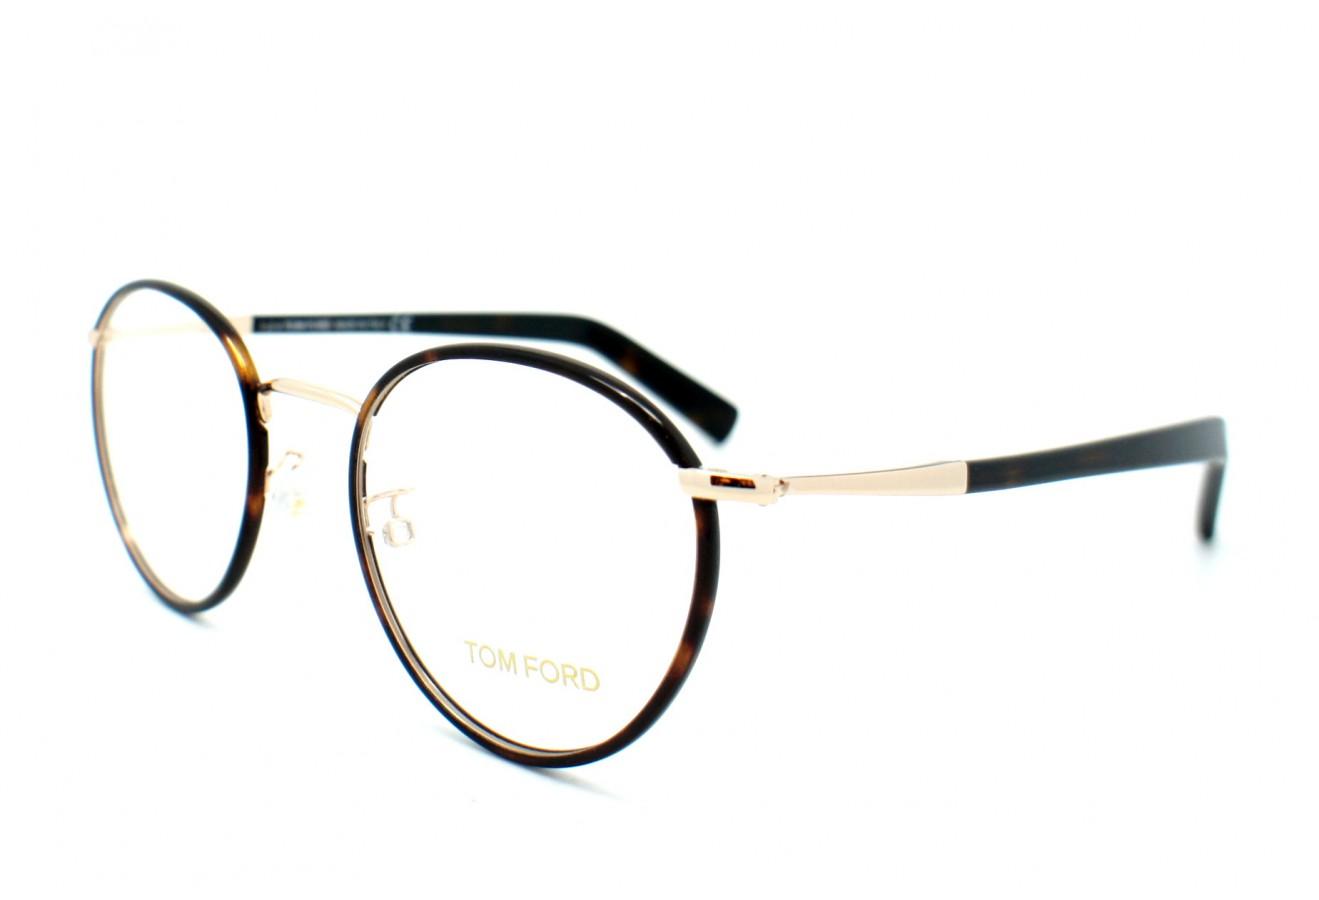 lunette vue tom ford femme femmes et hommes pas cher d47e521e889b